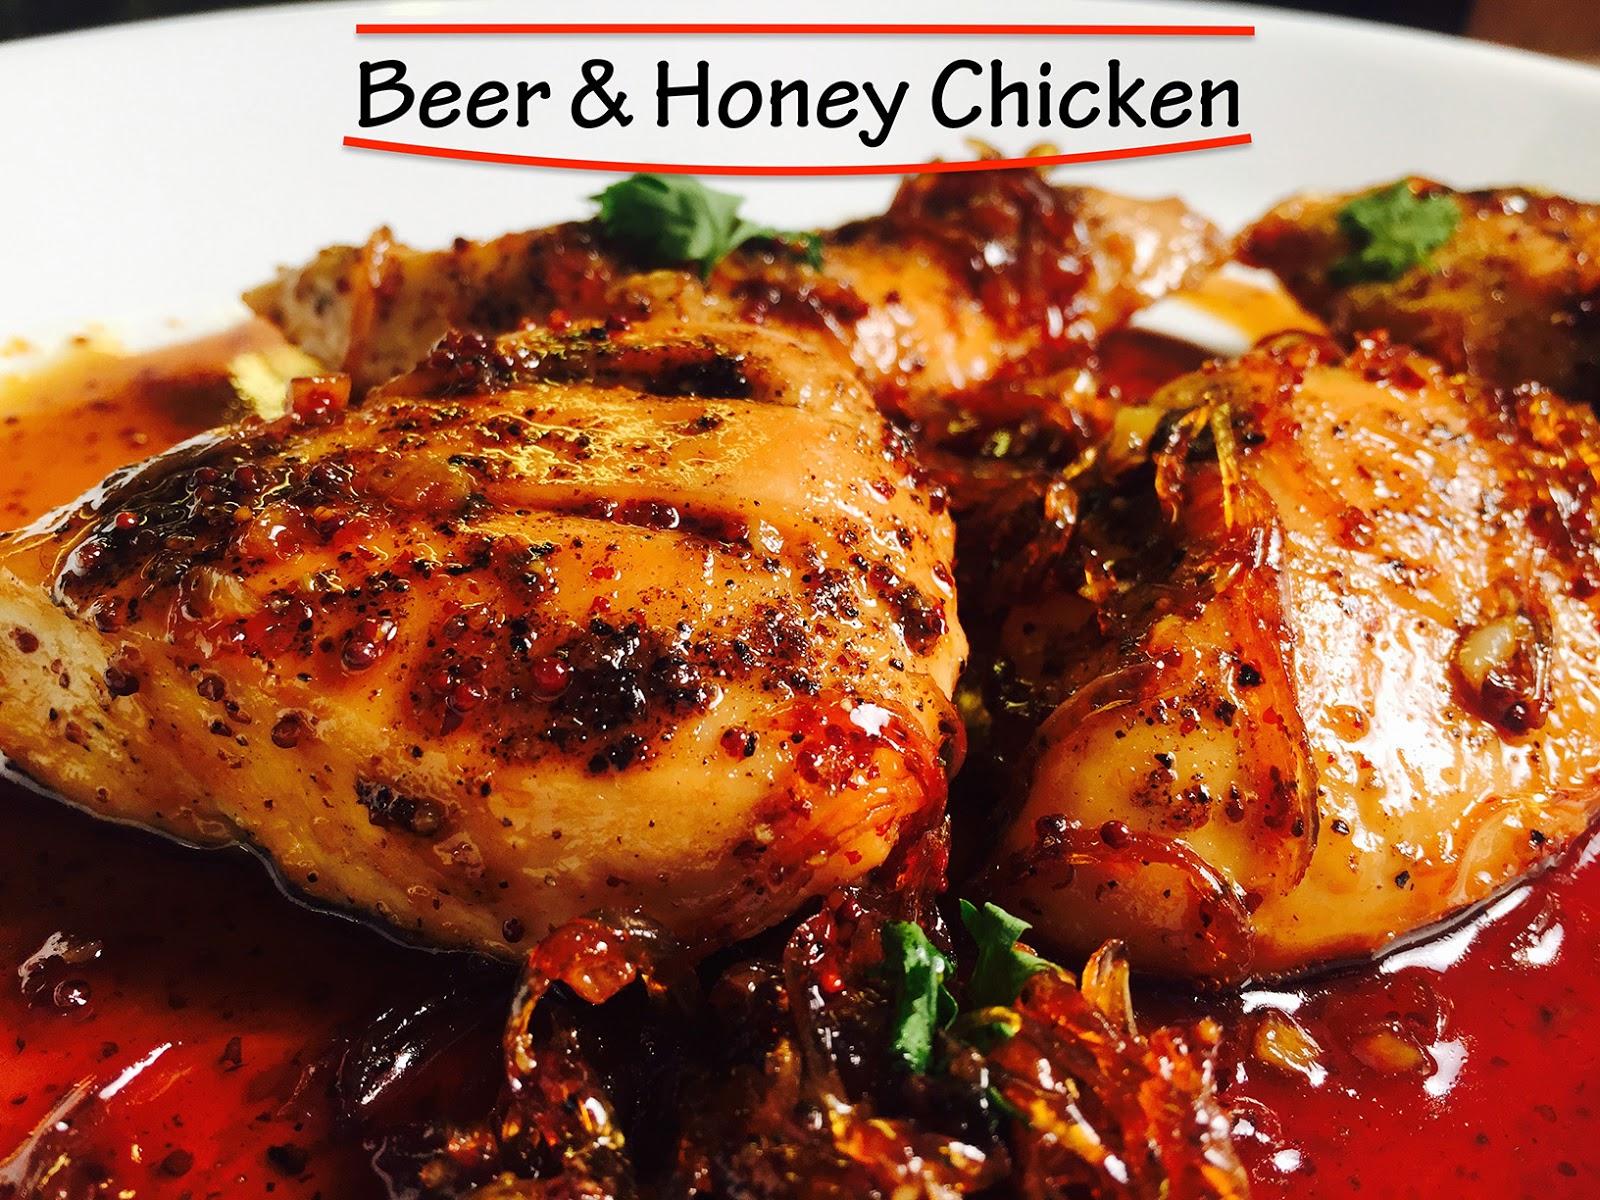 food chicken honey beer delicious recipes recettes devilishly sign recipe autres ricardo et taste